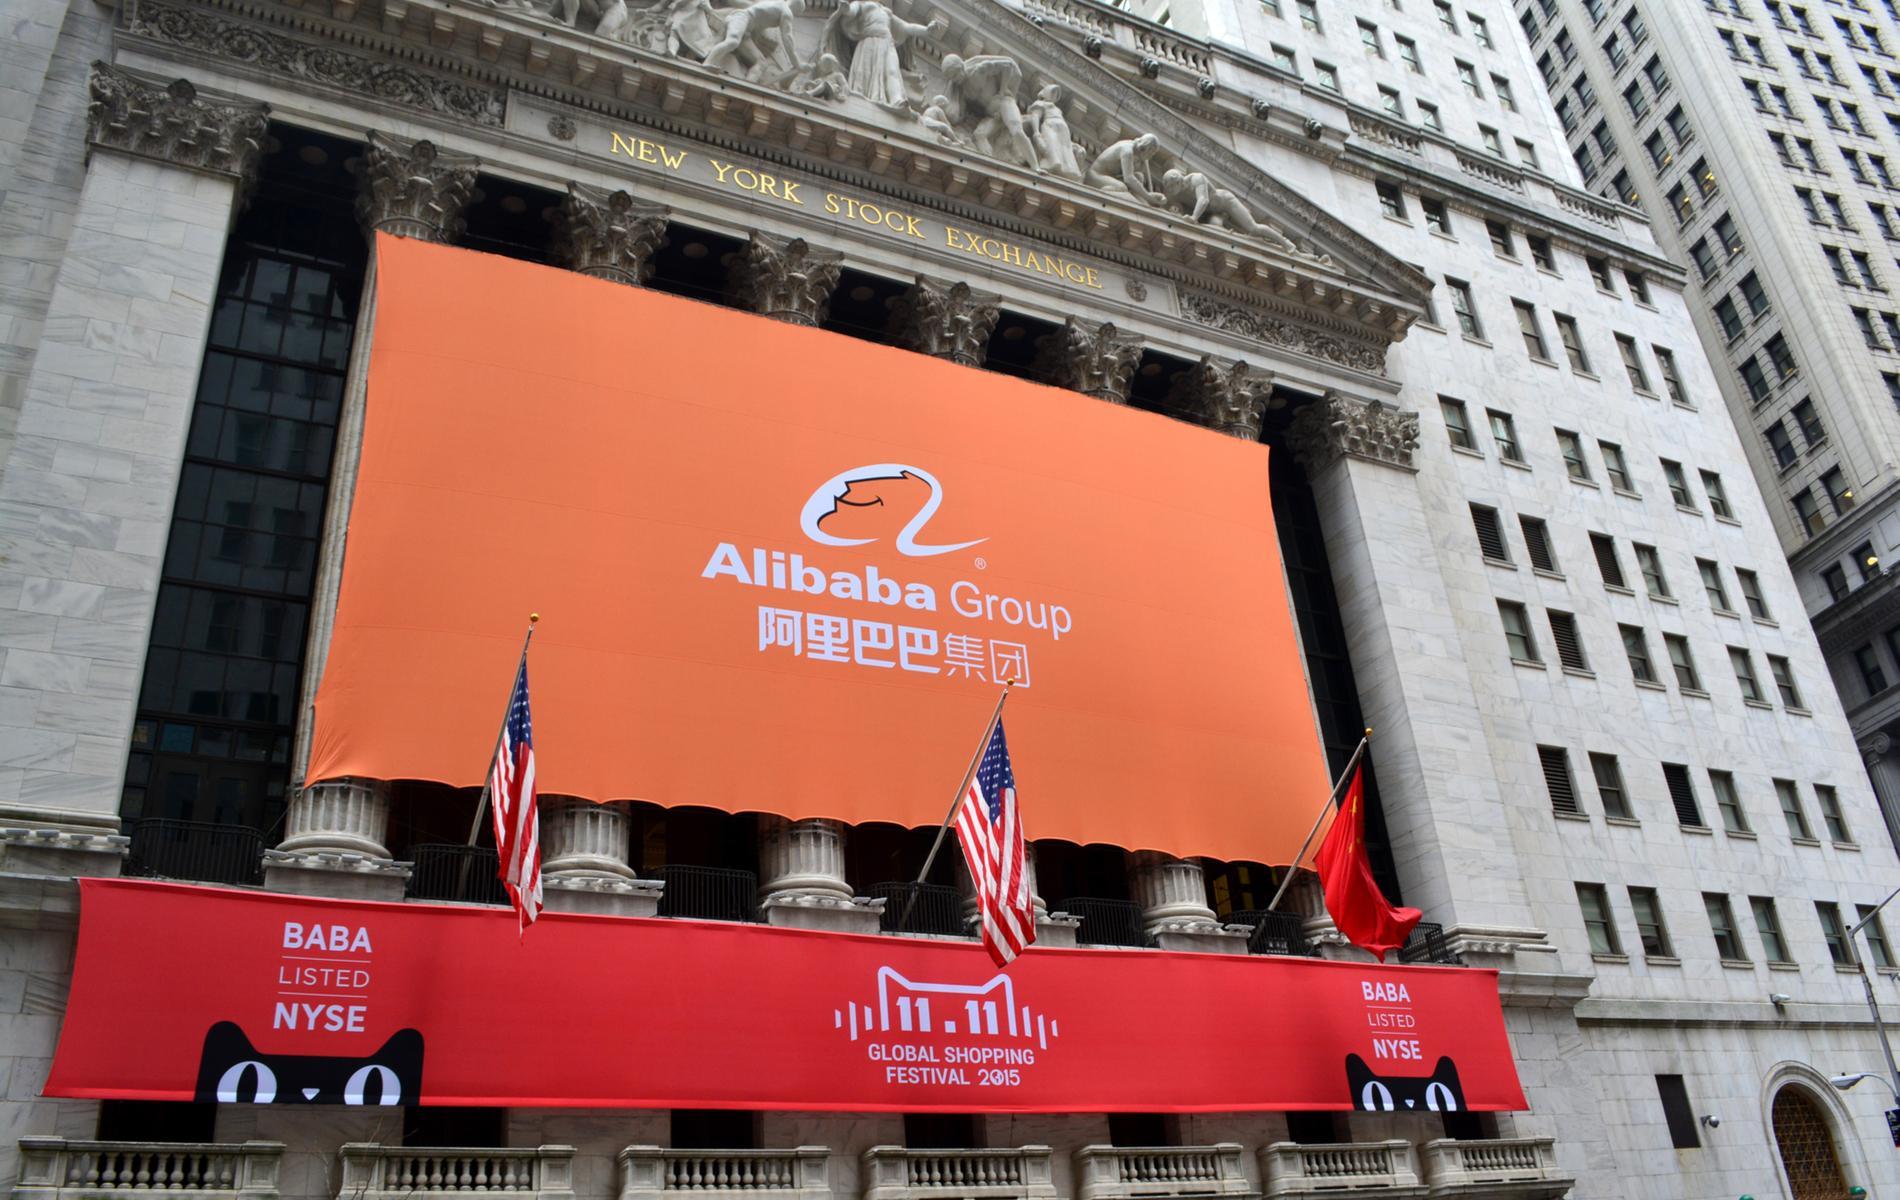 Alibaba new york stock exchange